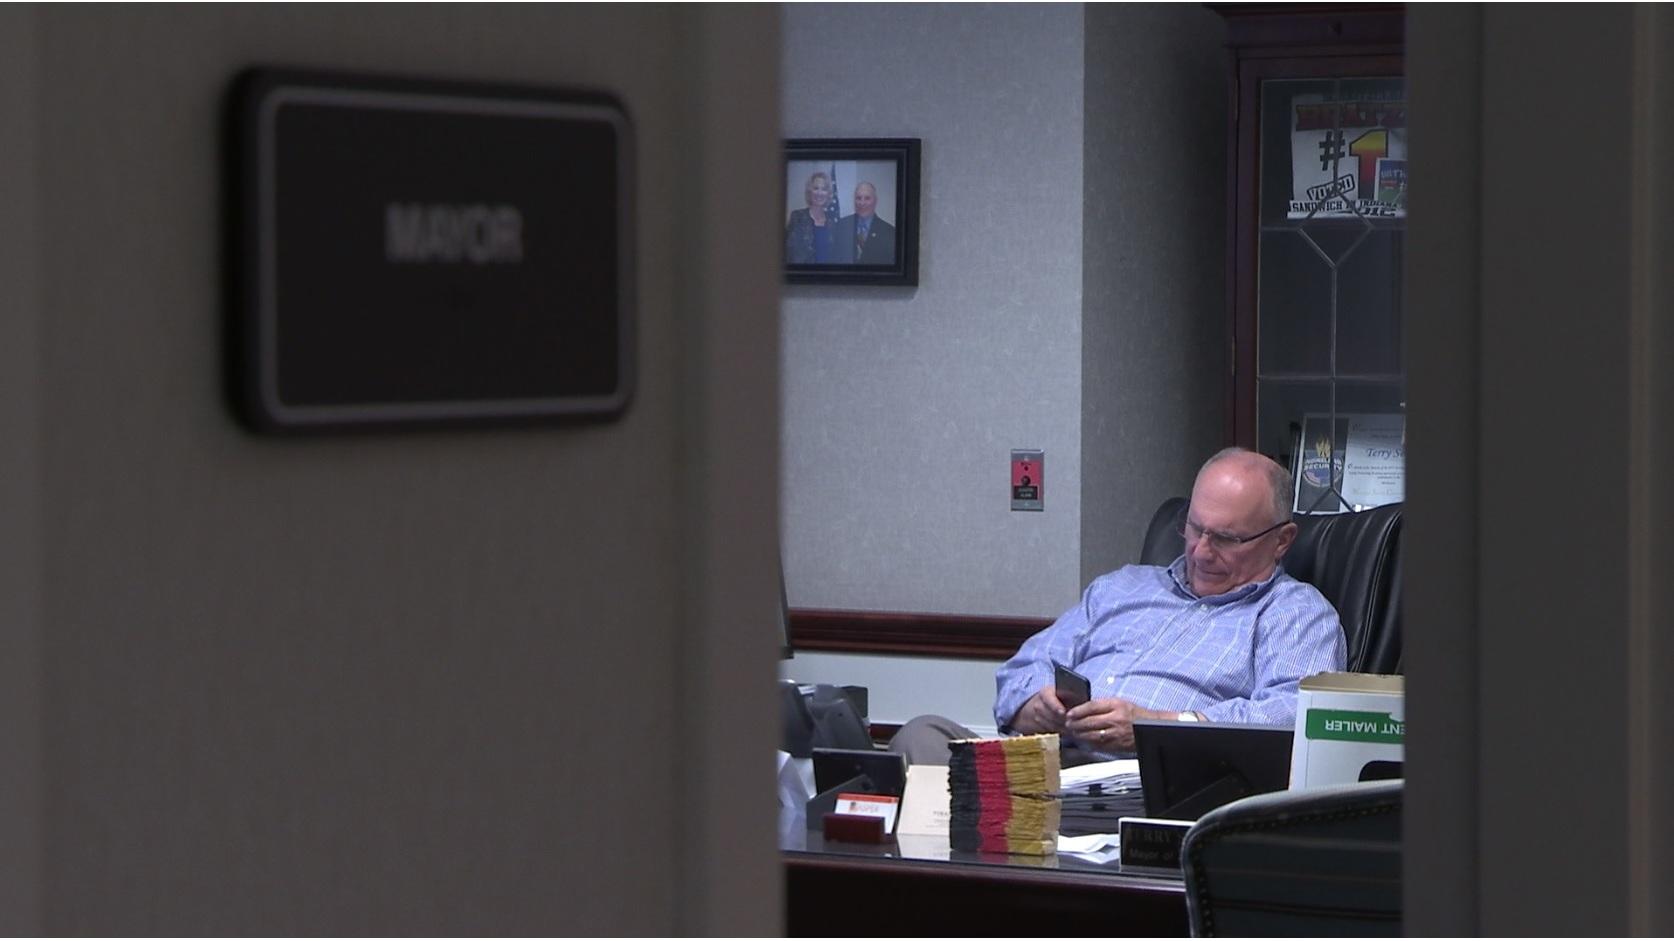 Jasper_mayor_leaving_office_for_new_job_0_20181213233100